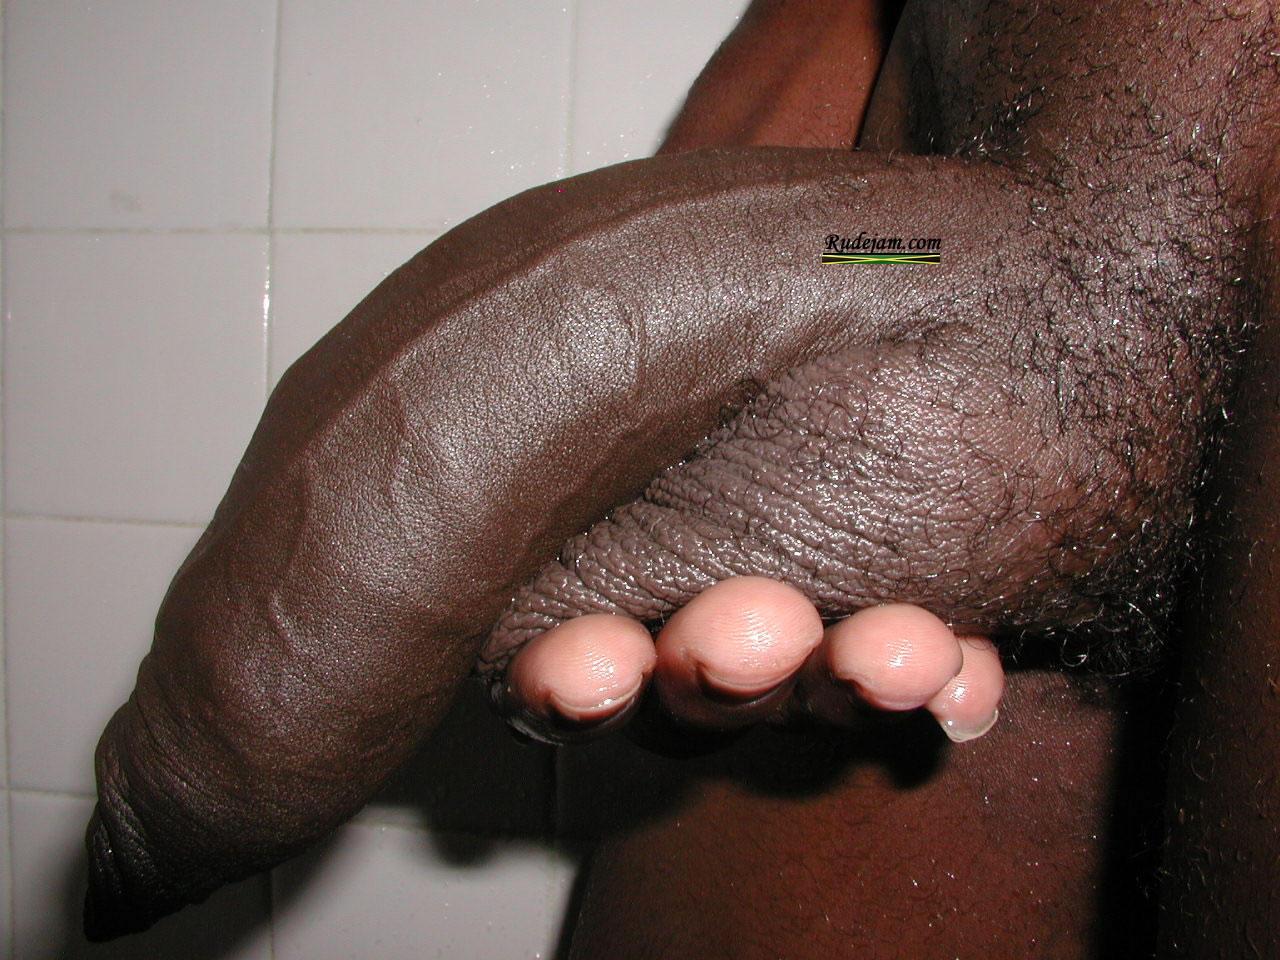 African black cut dicks and cocks gay men 6